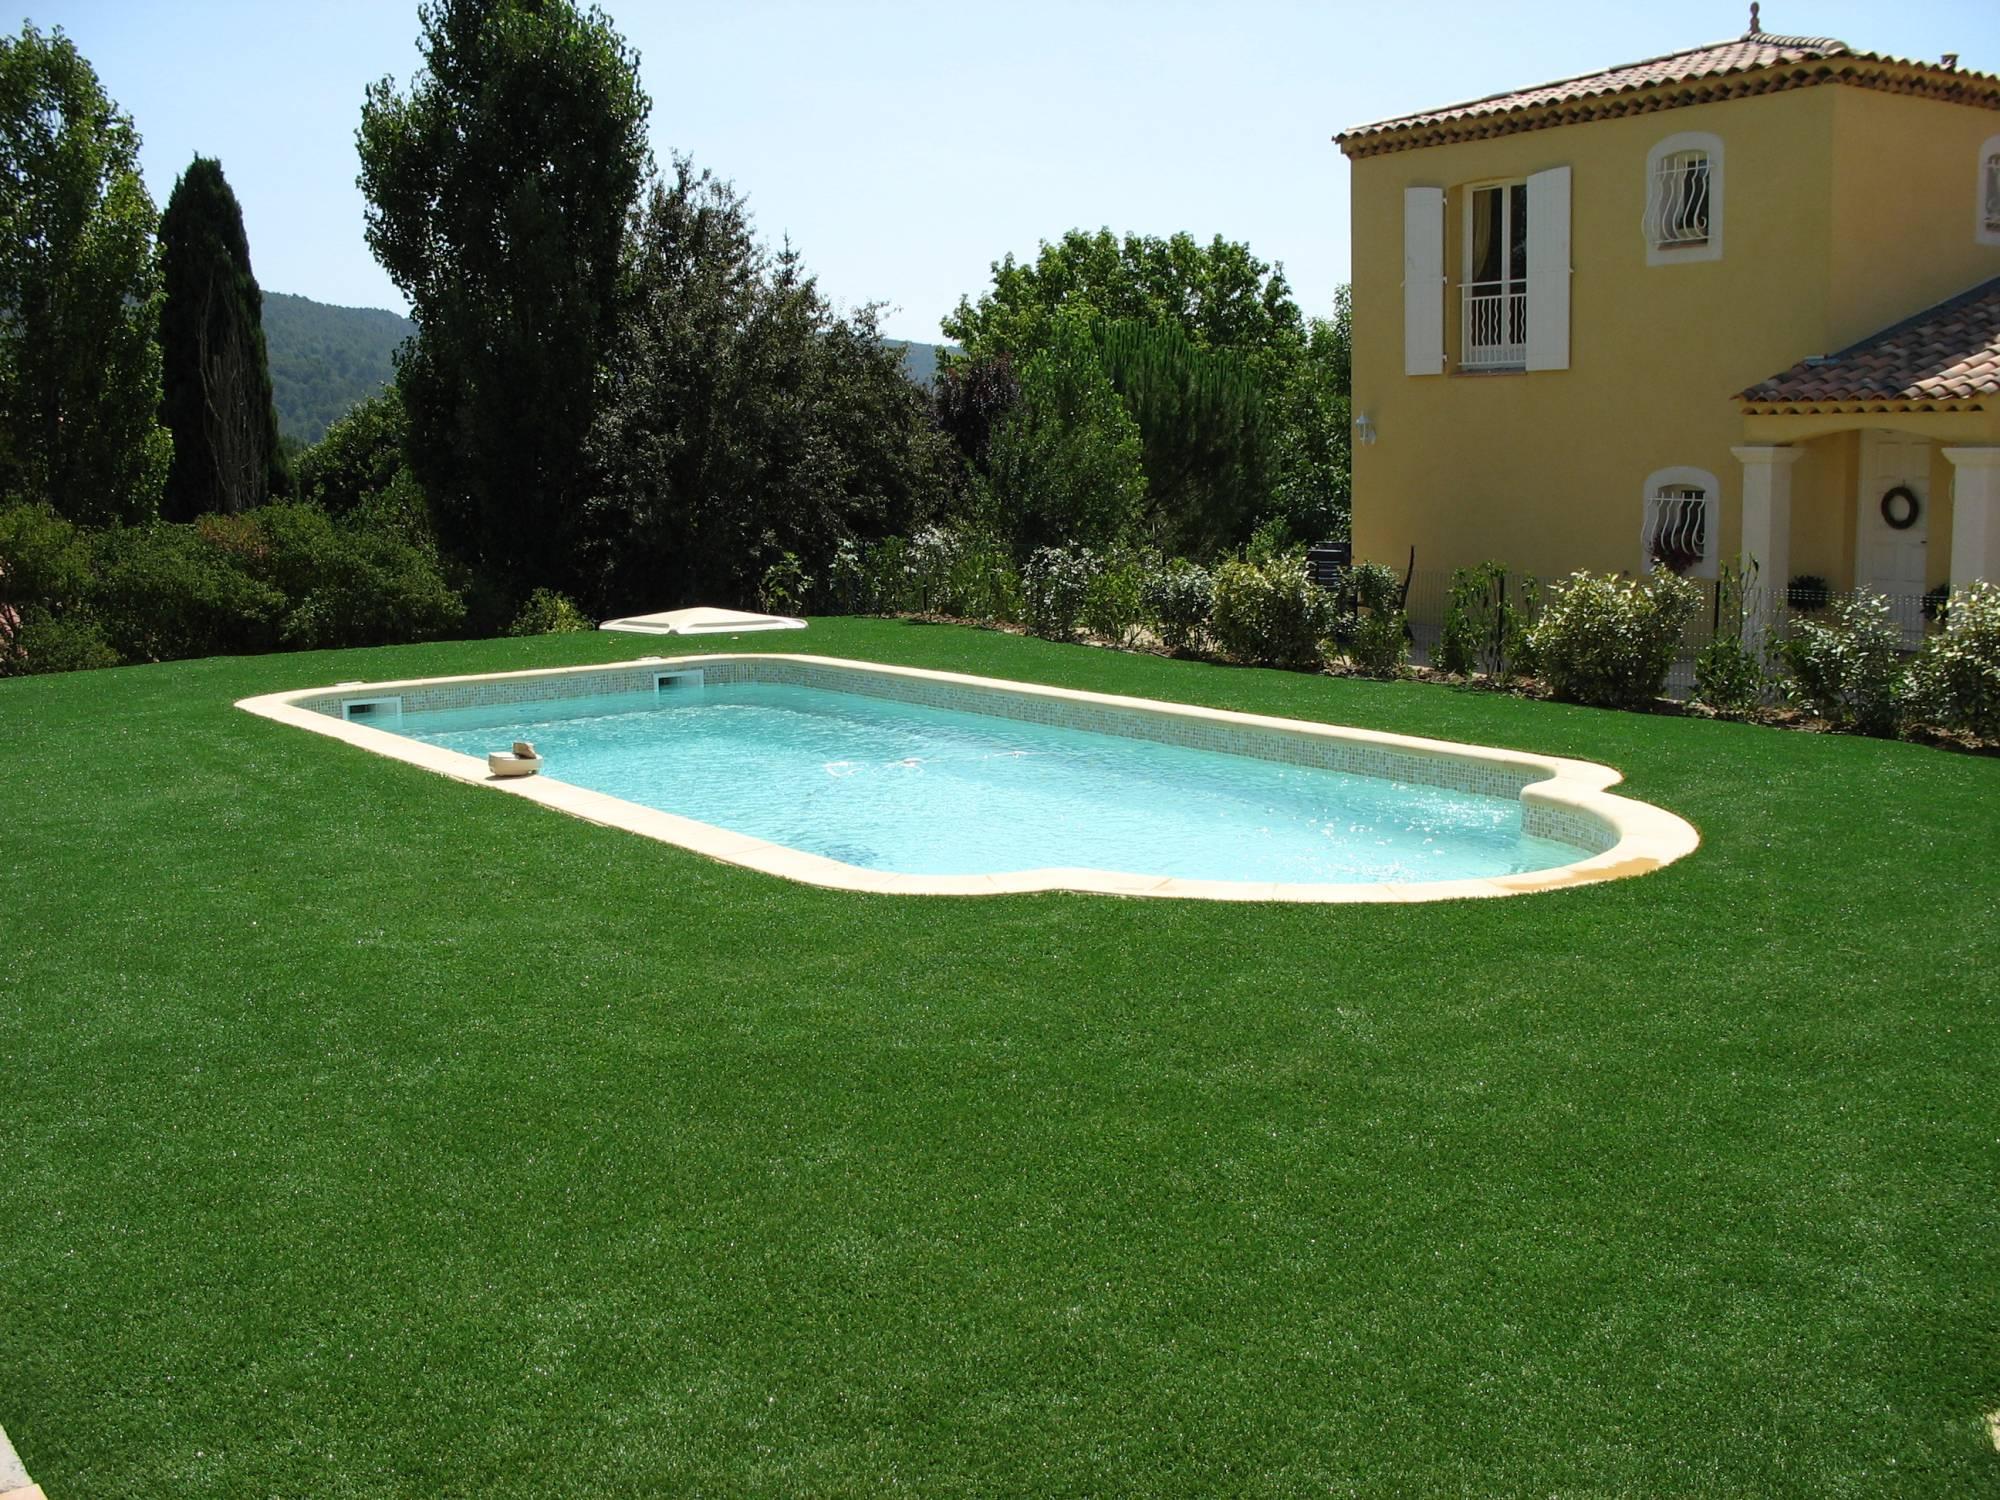 comment choisir son gazon synth tique autour d une piscine. Black Bedroom Furniture Sets. Home Design Ideas